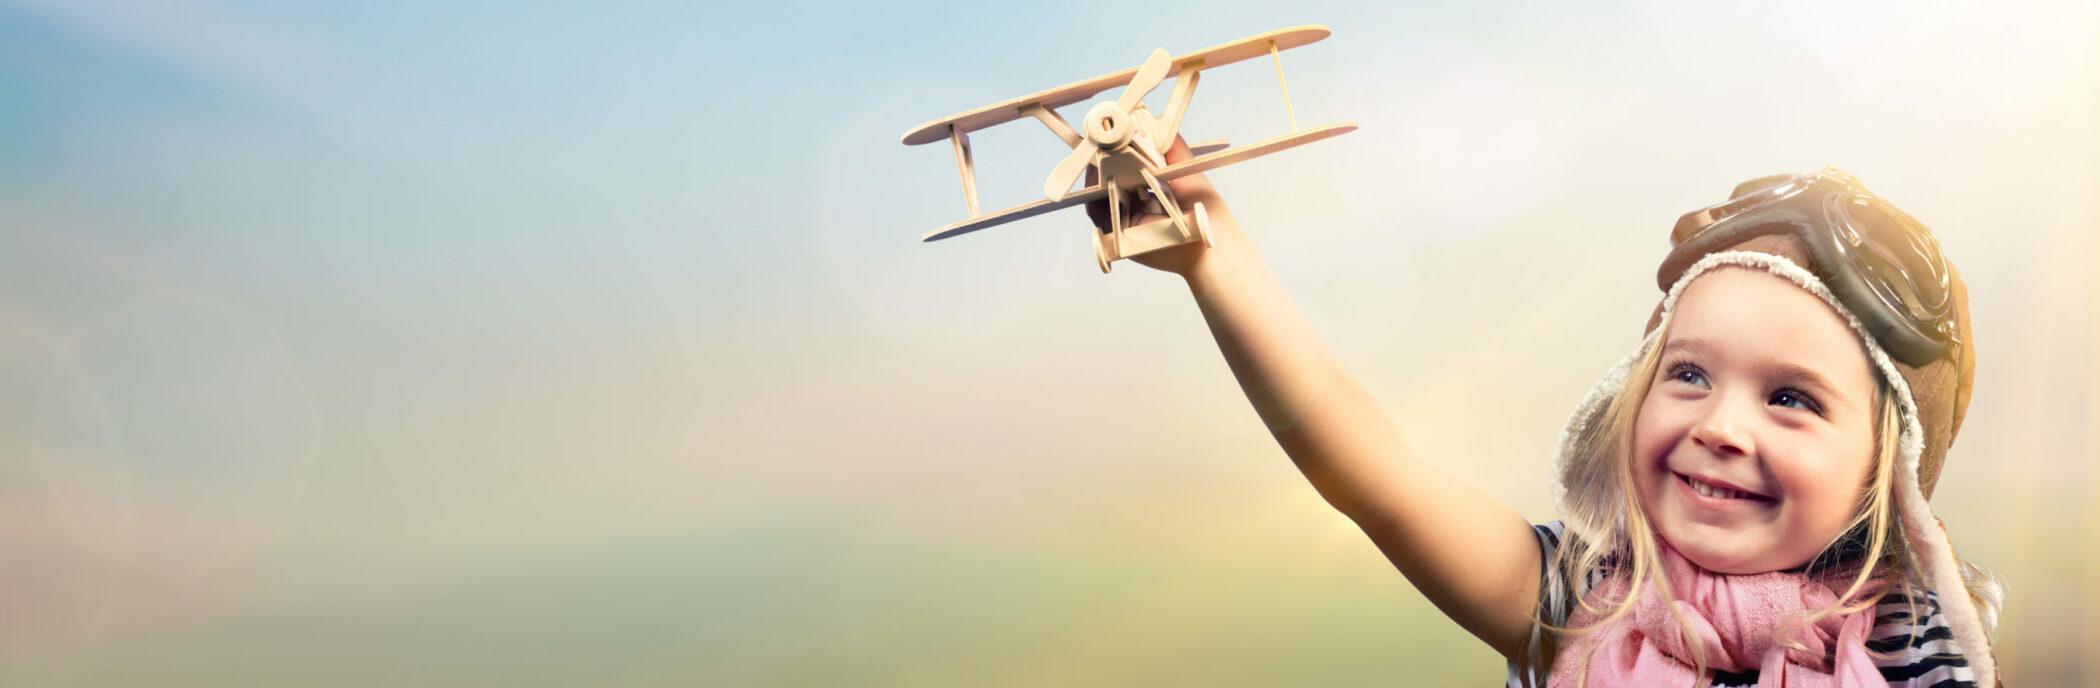 Elternbeiträge: Kind spielt mit einem Flugzeug.